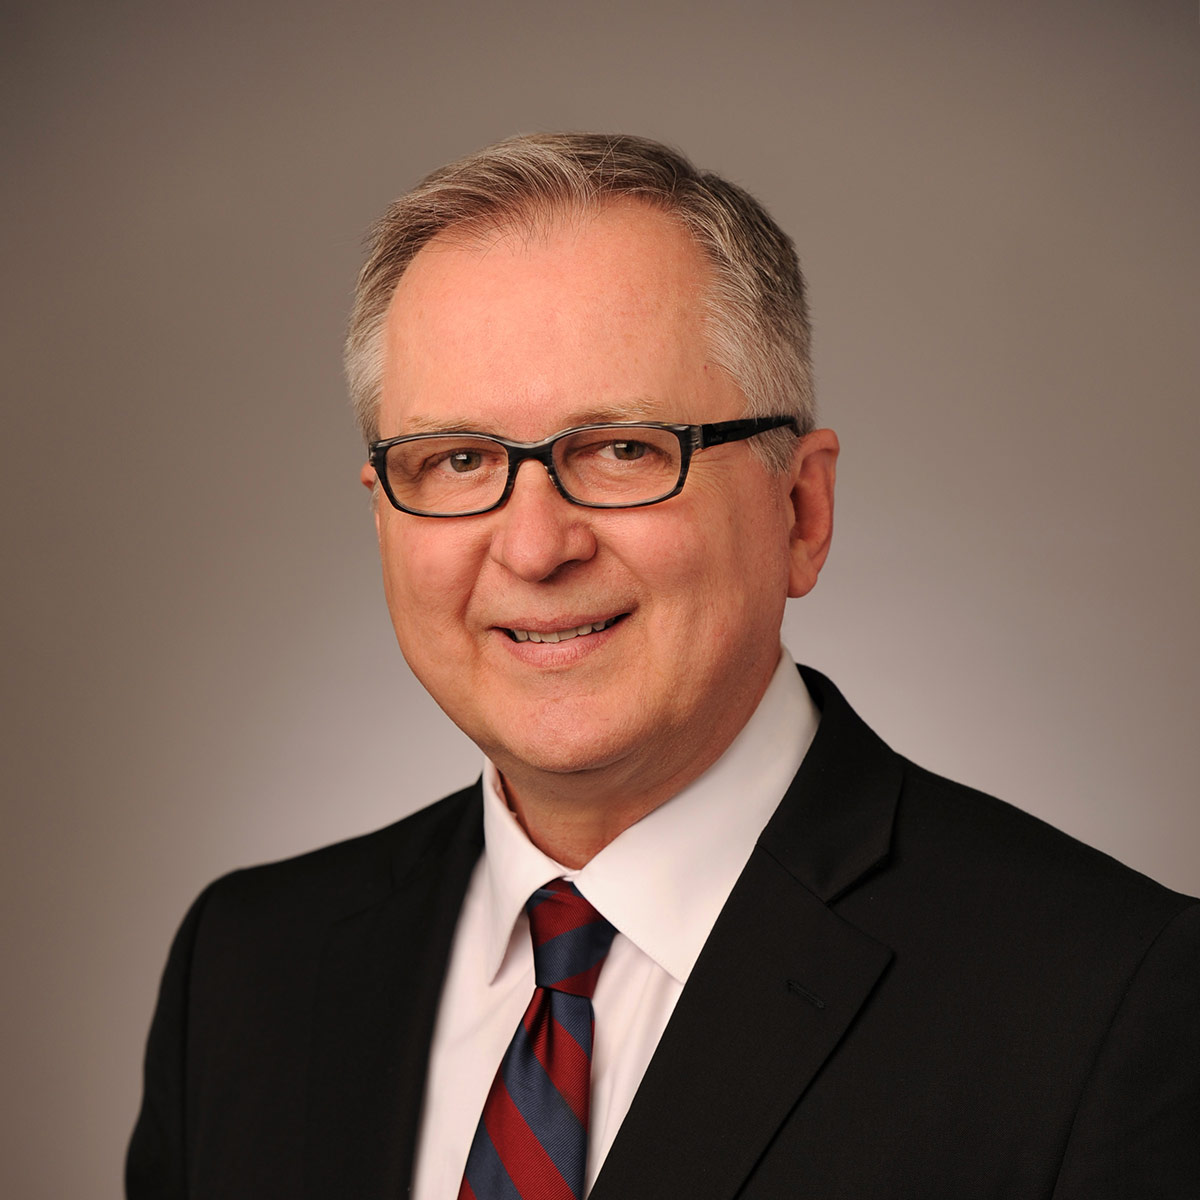 Jim McGregor, AIA, LEED AP